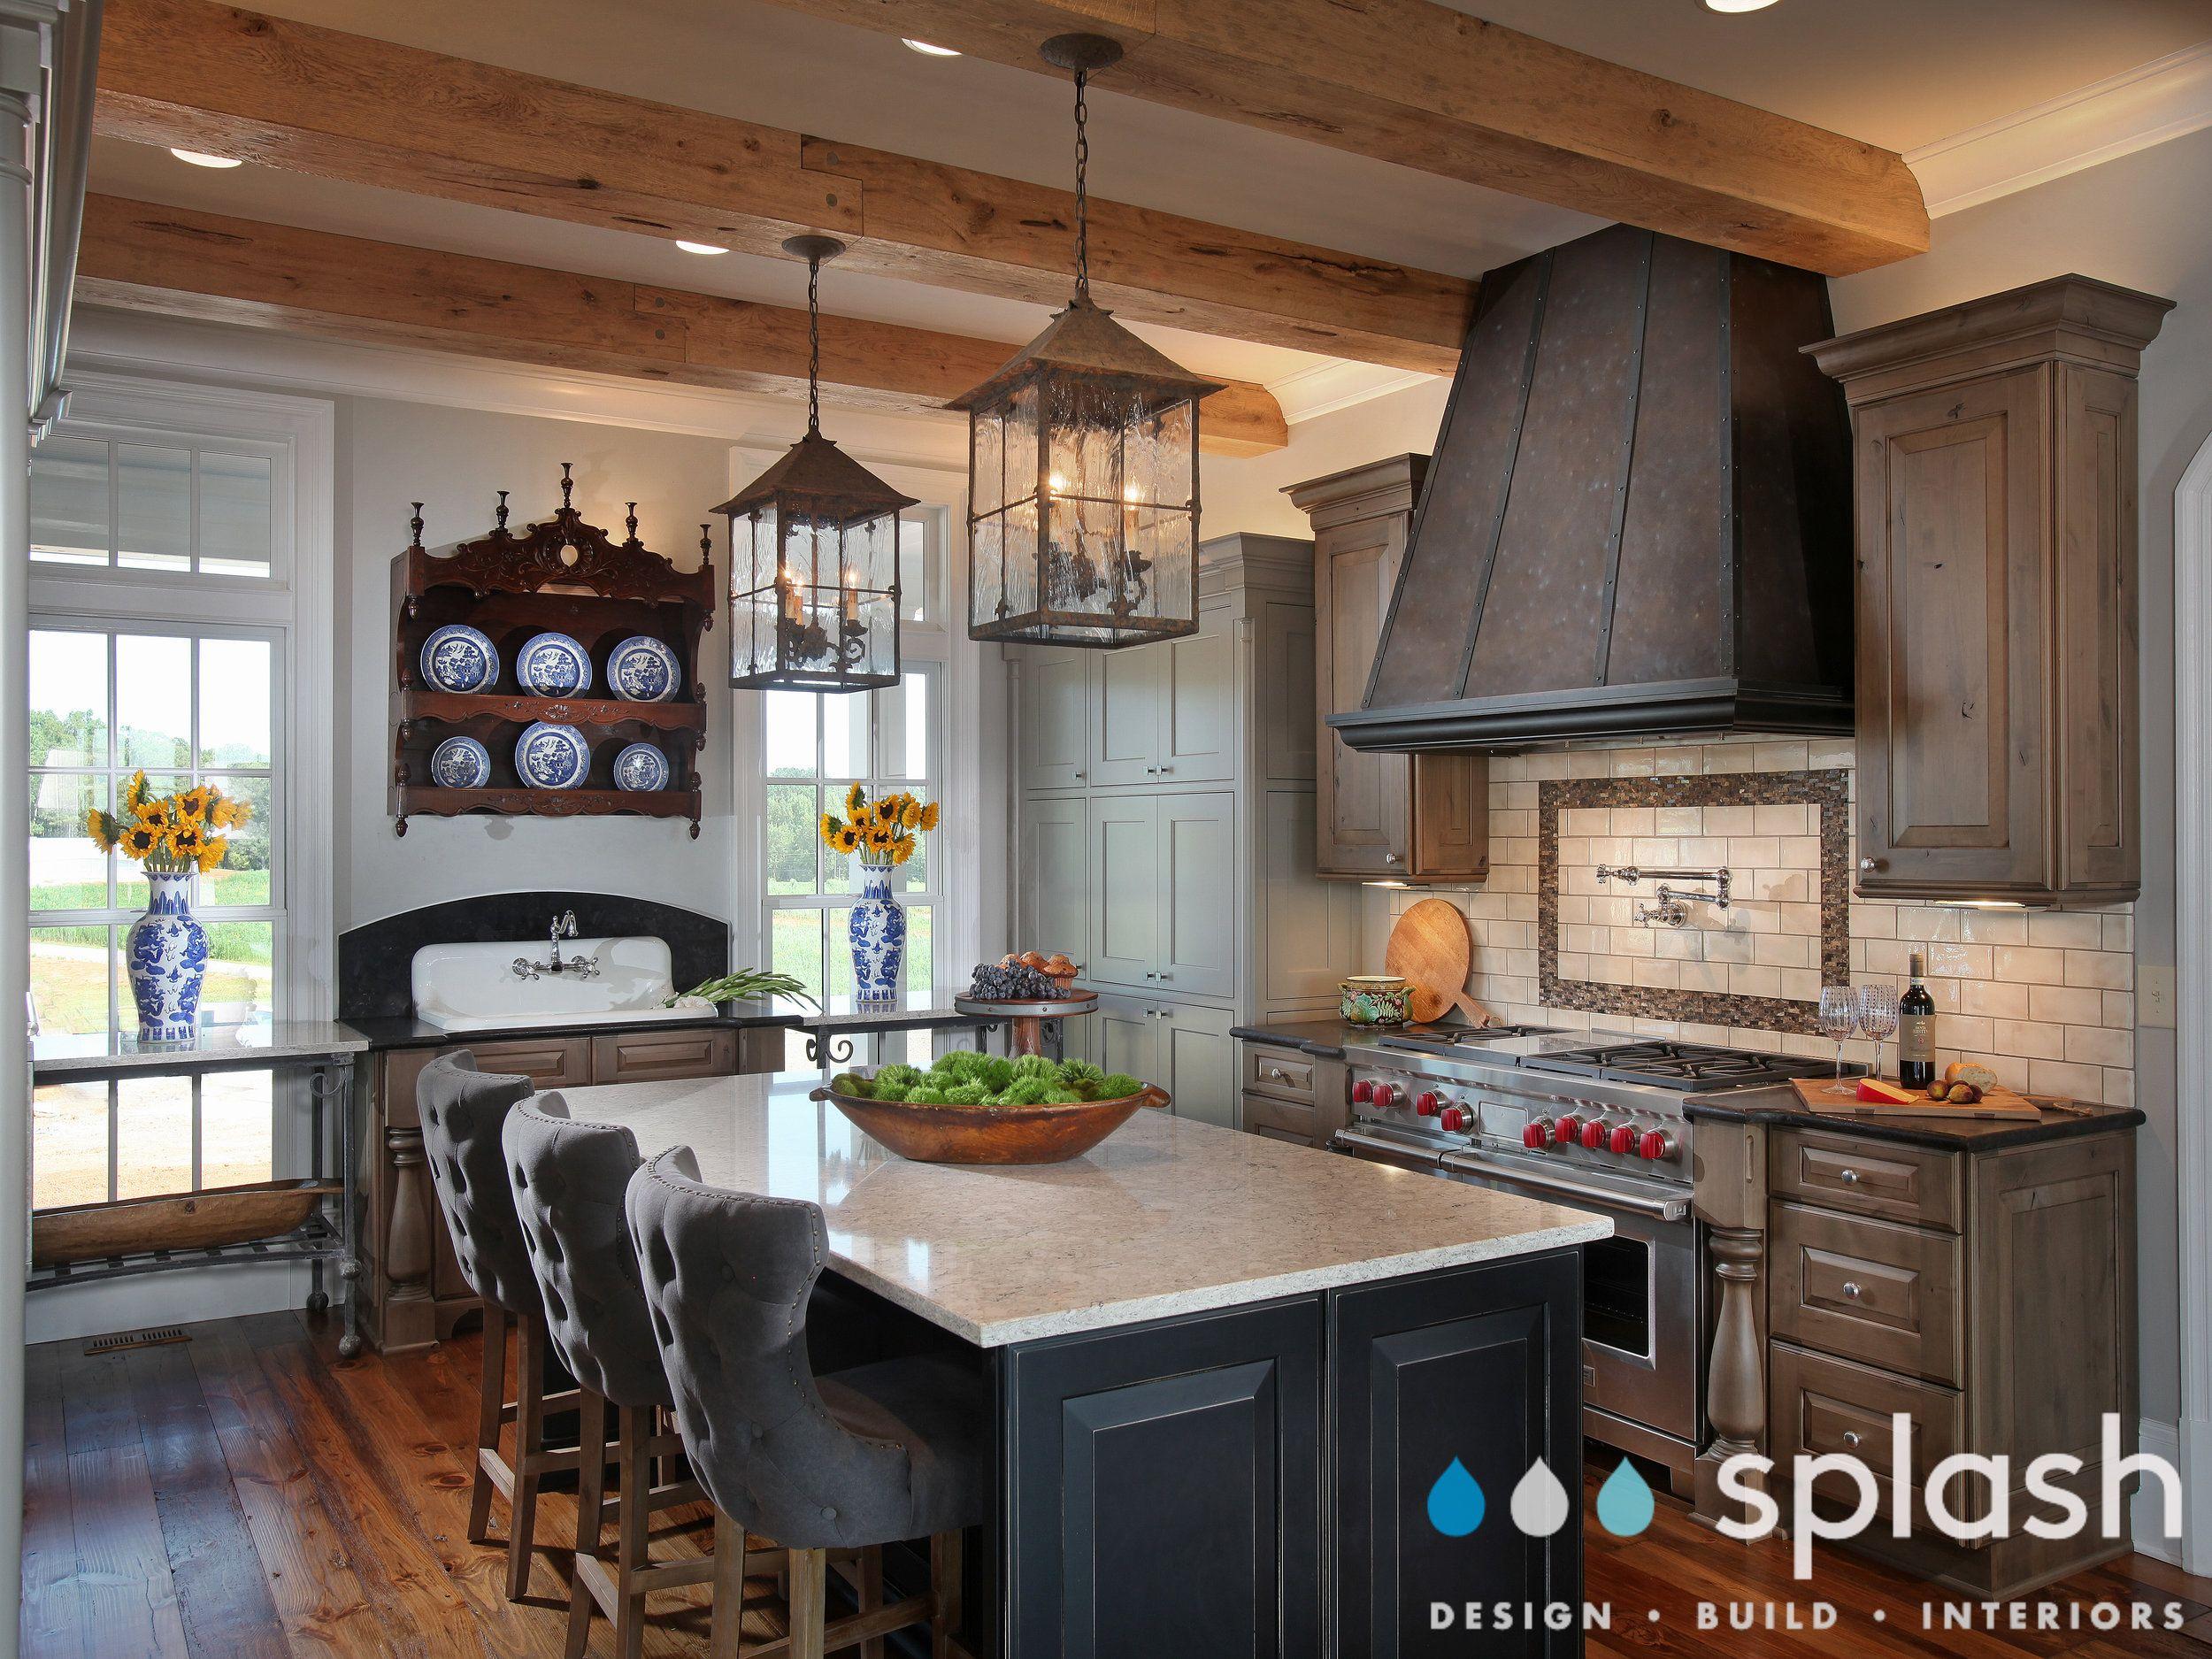 Kitchen Design Splash Kitchens And Baths Kitchen Design Traditional Kitchen Design Kitchen And Bath Design